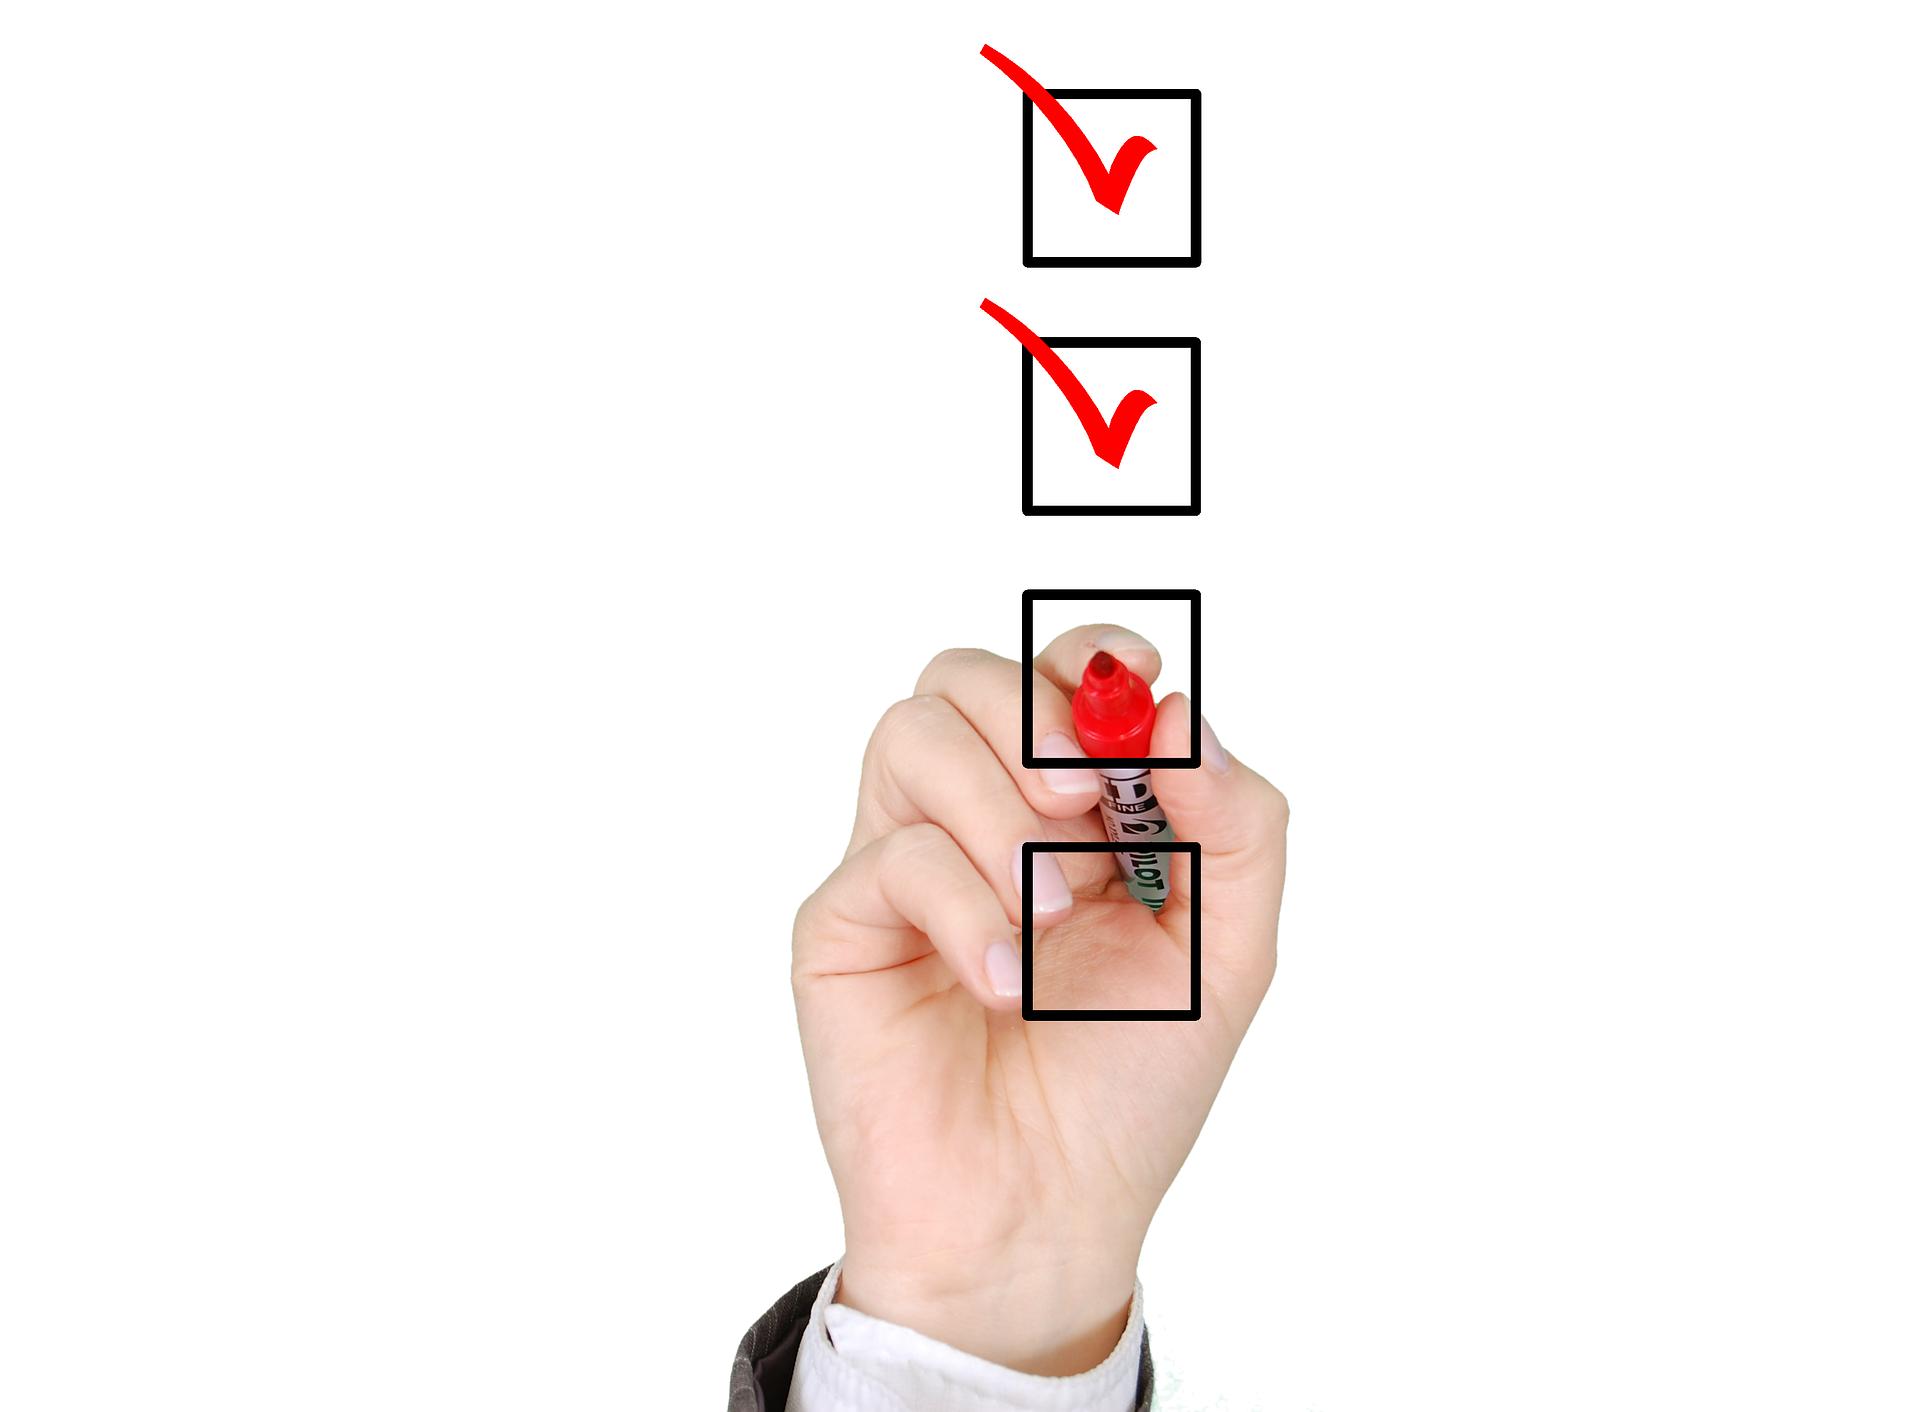 「チェックリスト」がいかに役立つか。